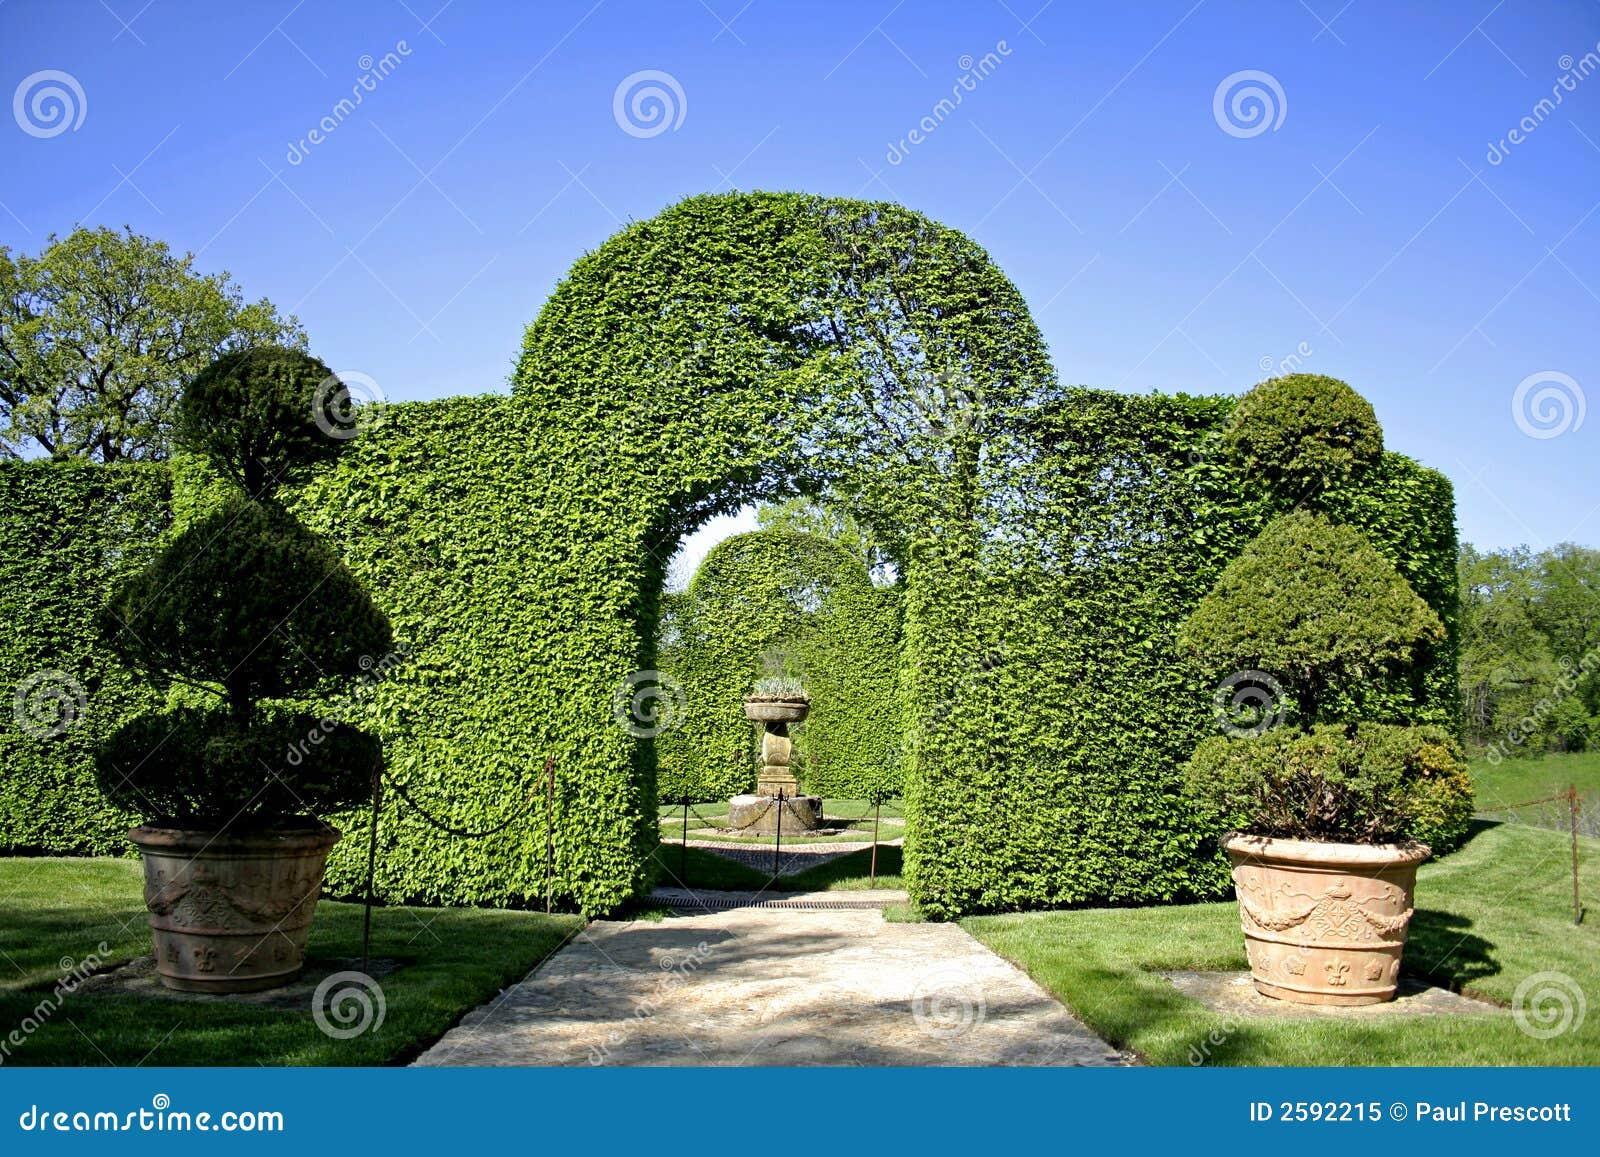 Overspannen schurbs in tuin